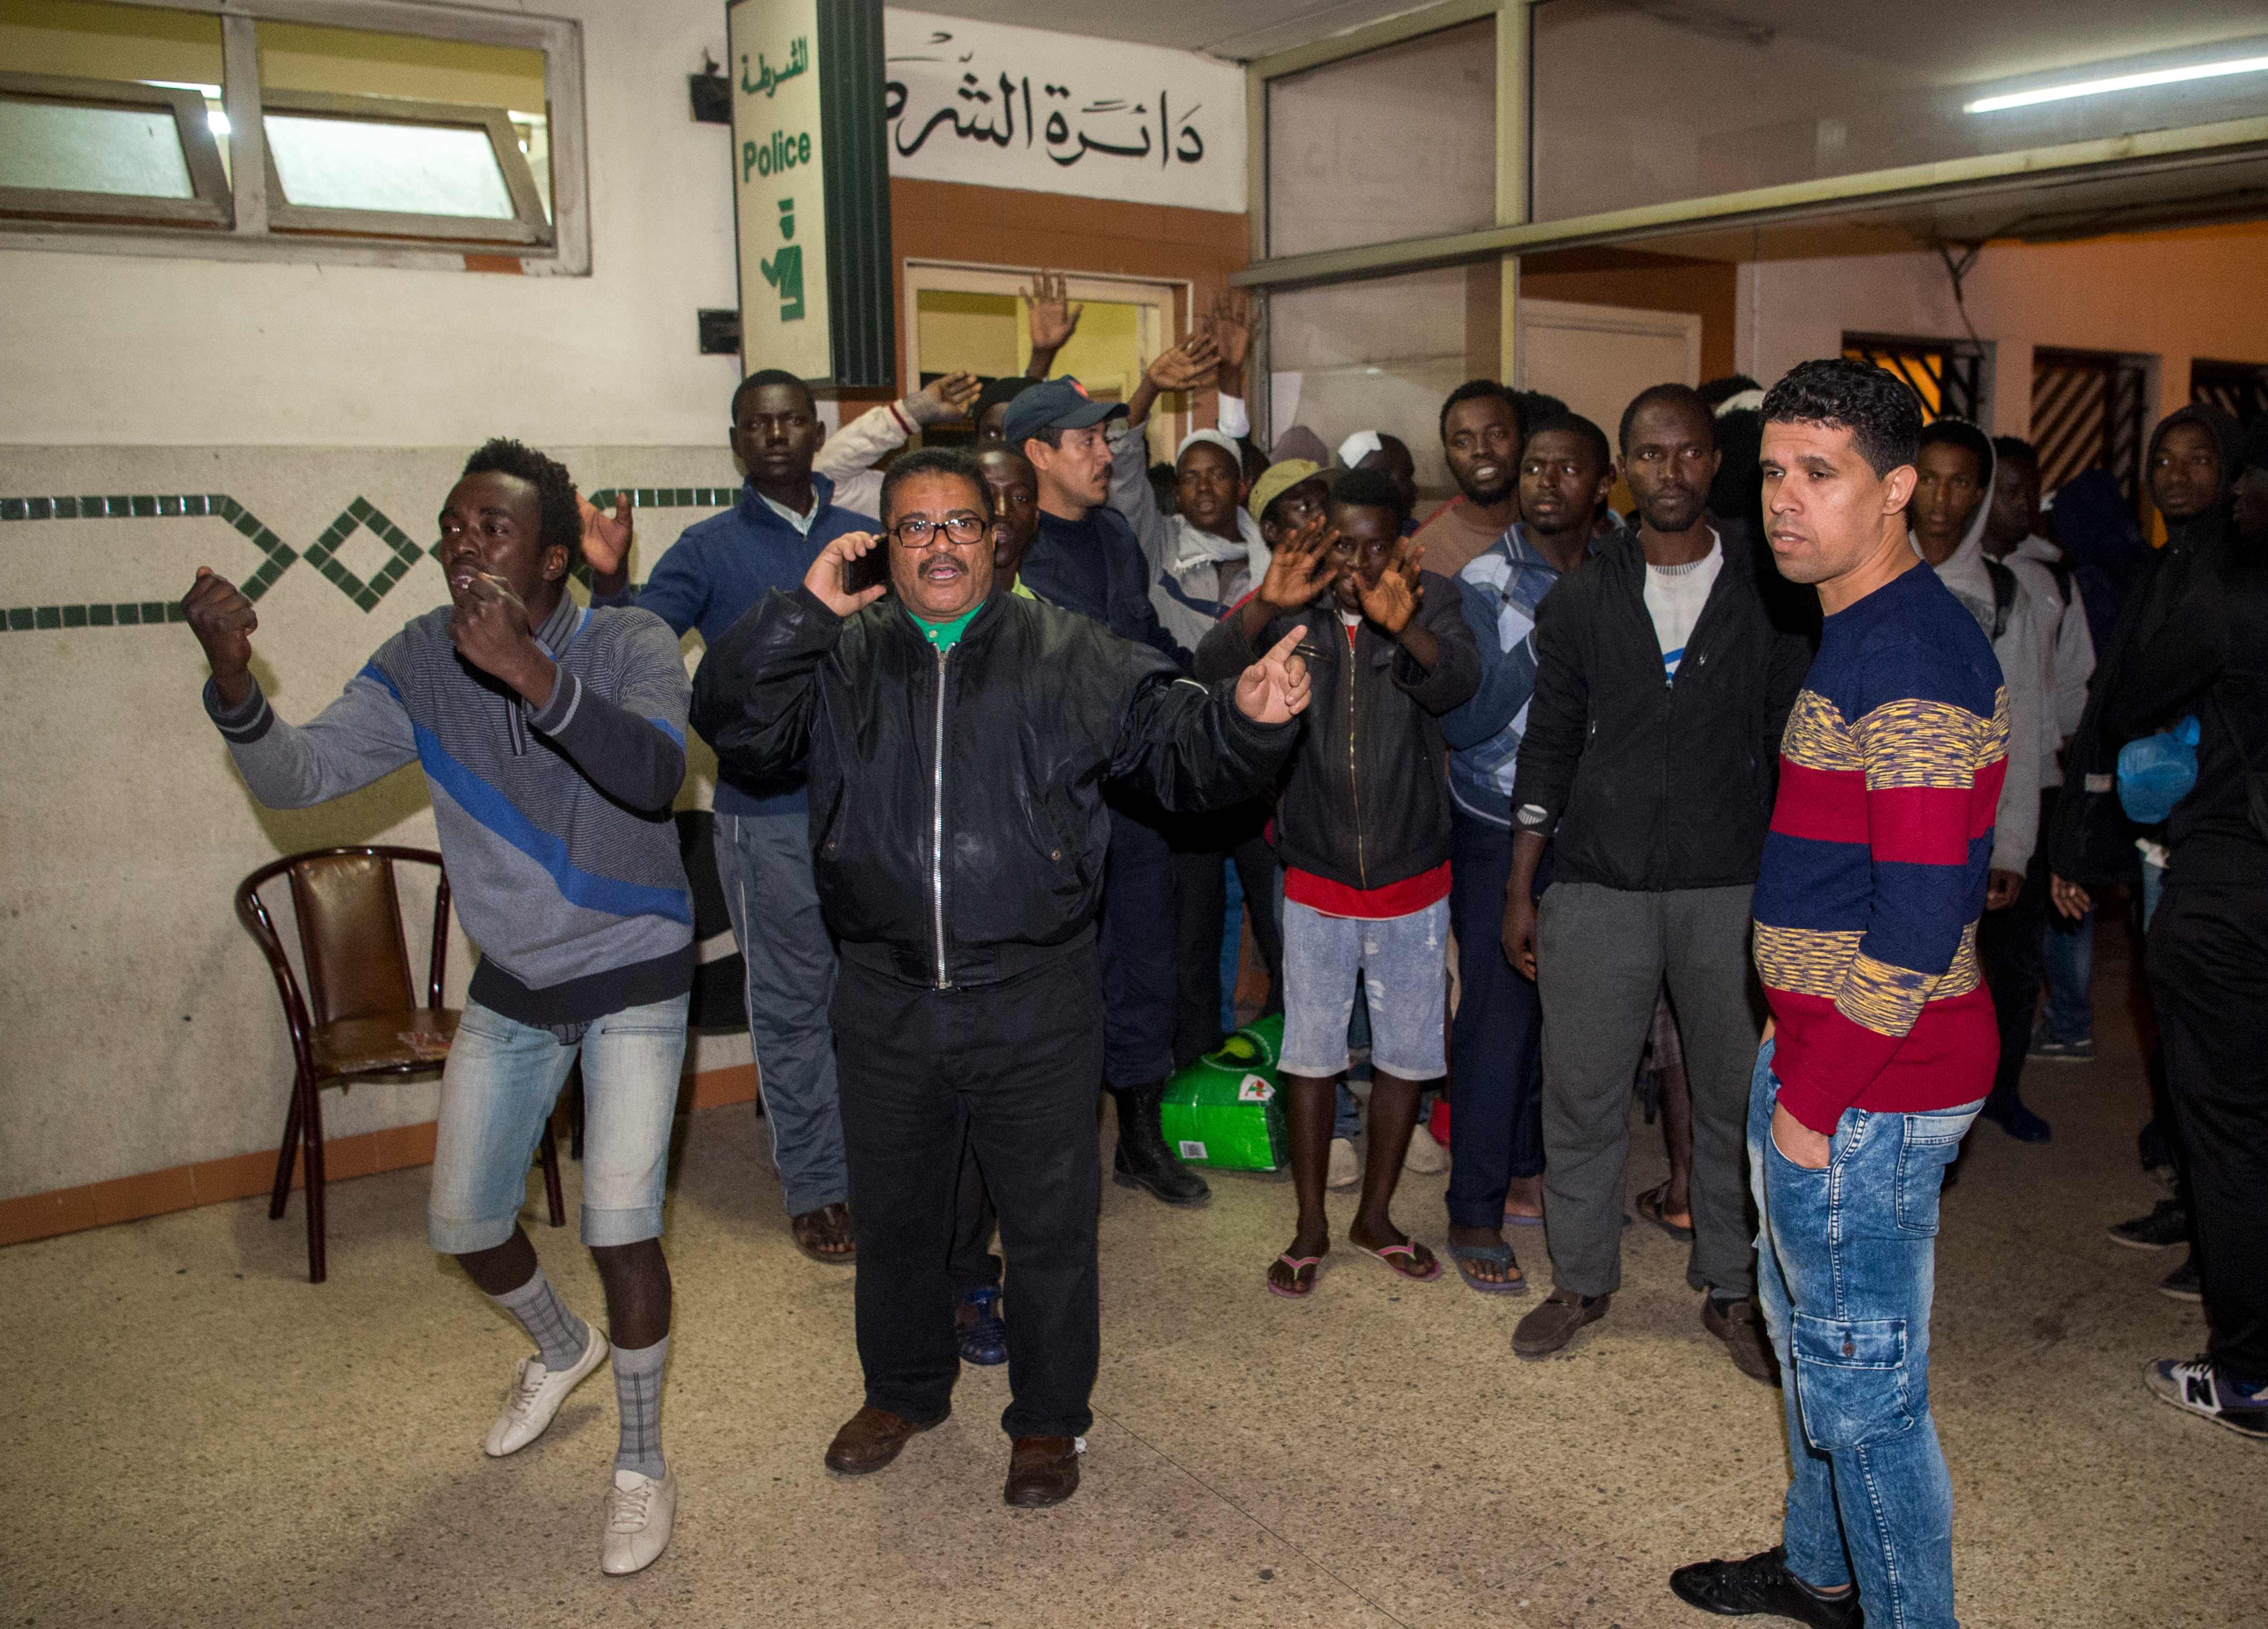 عدد من المهاجرين فى الدار البيضاء